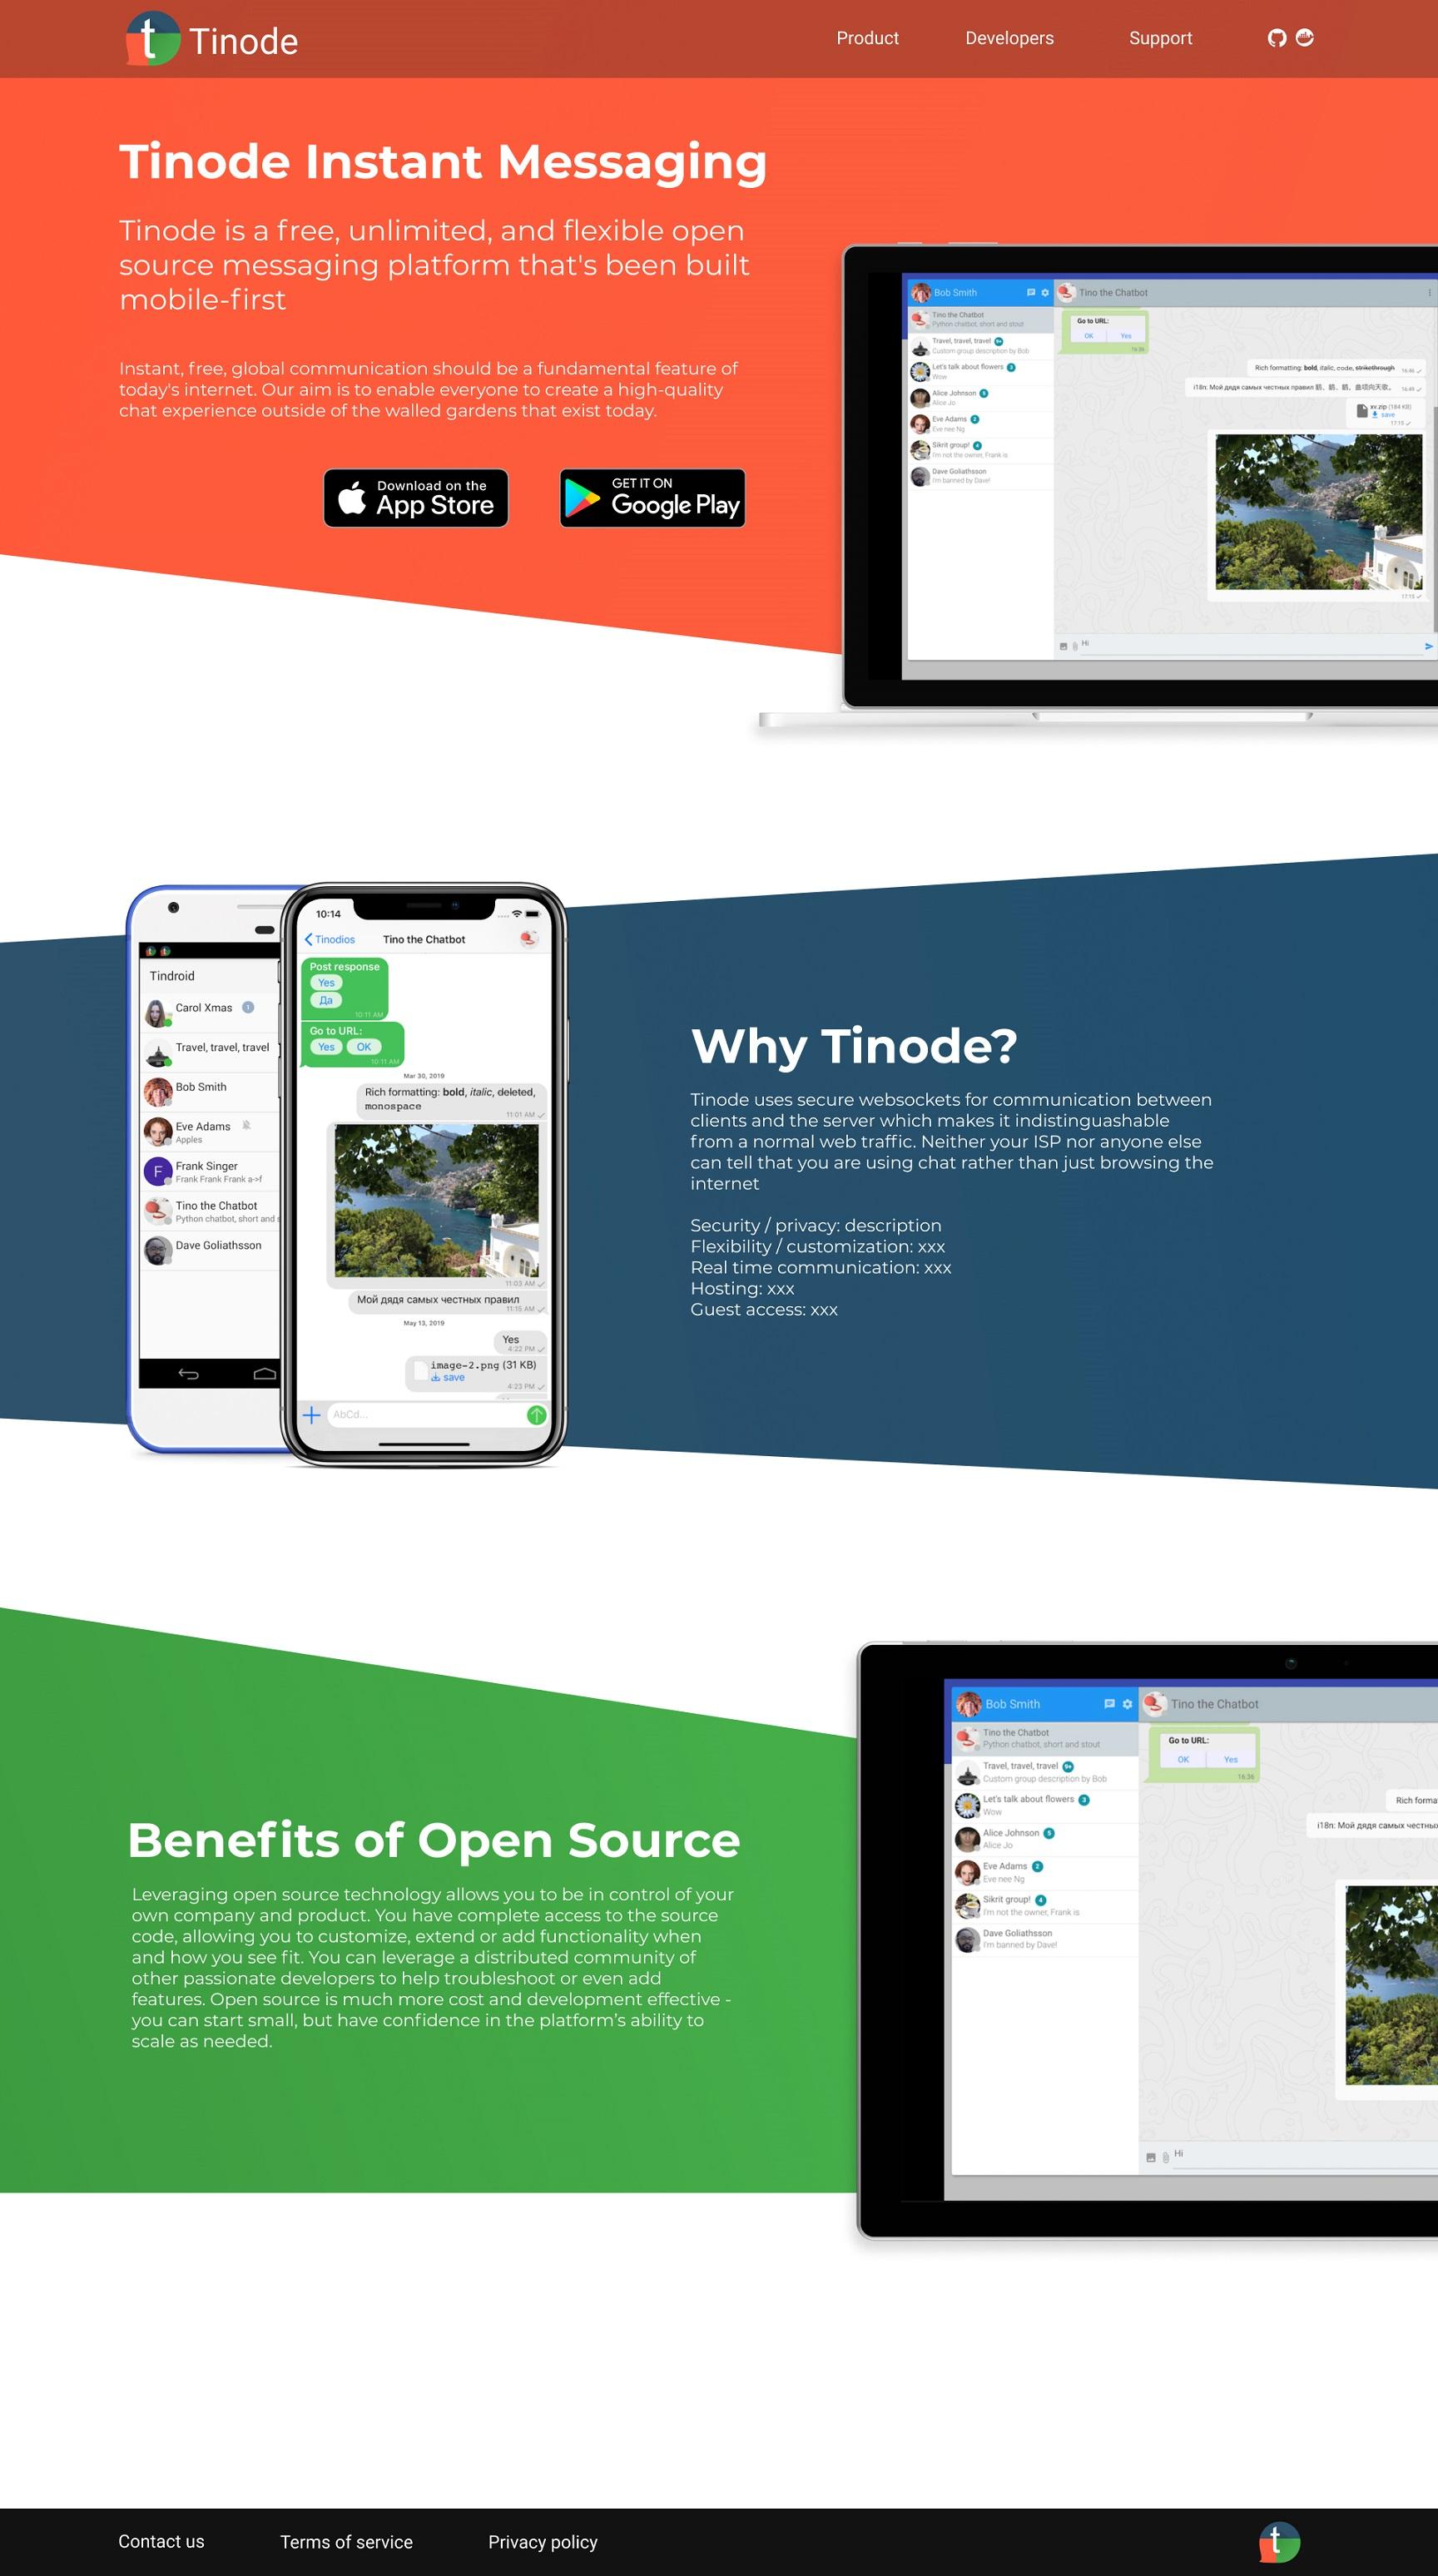 Дизайн сайта tinode.co фото f_7055d7238a7ec88d.jpg